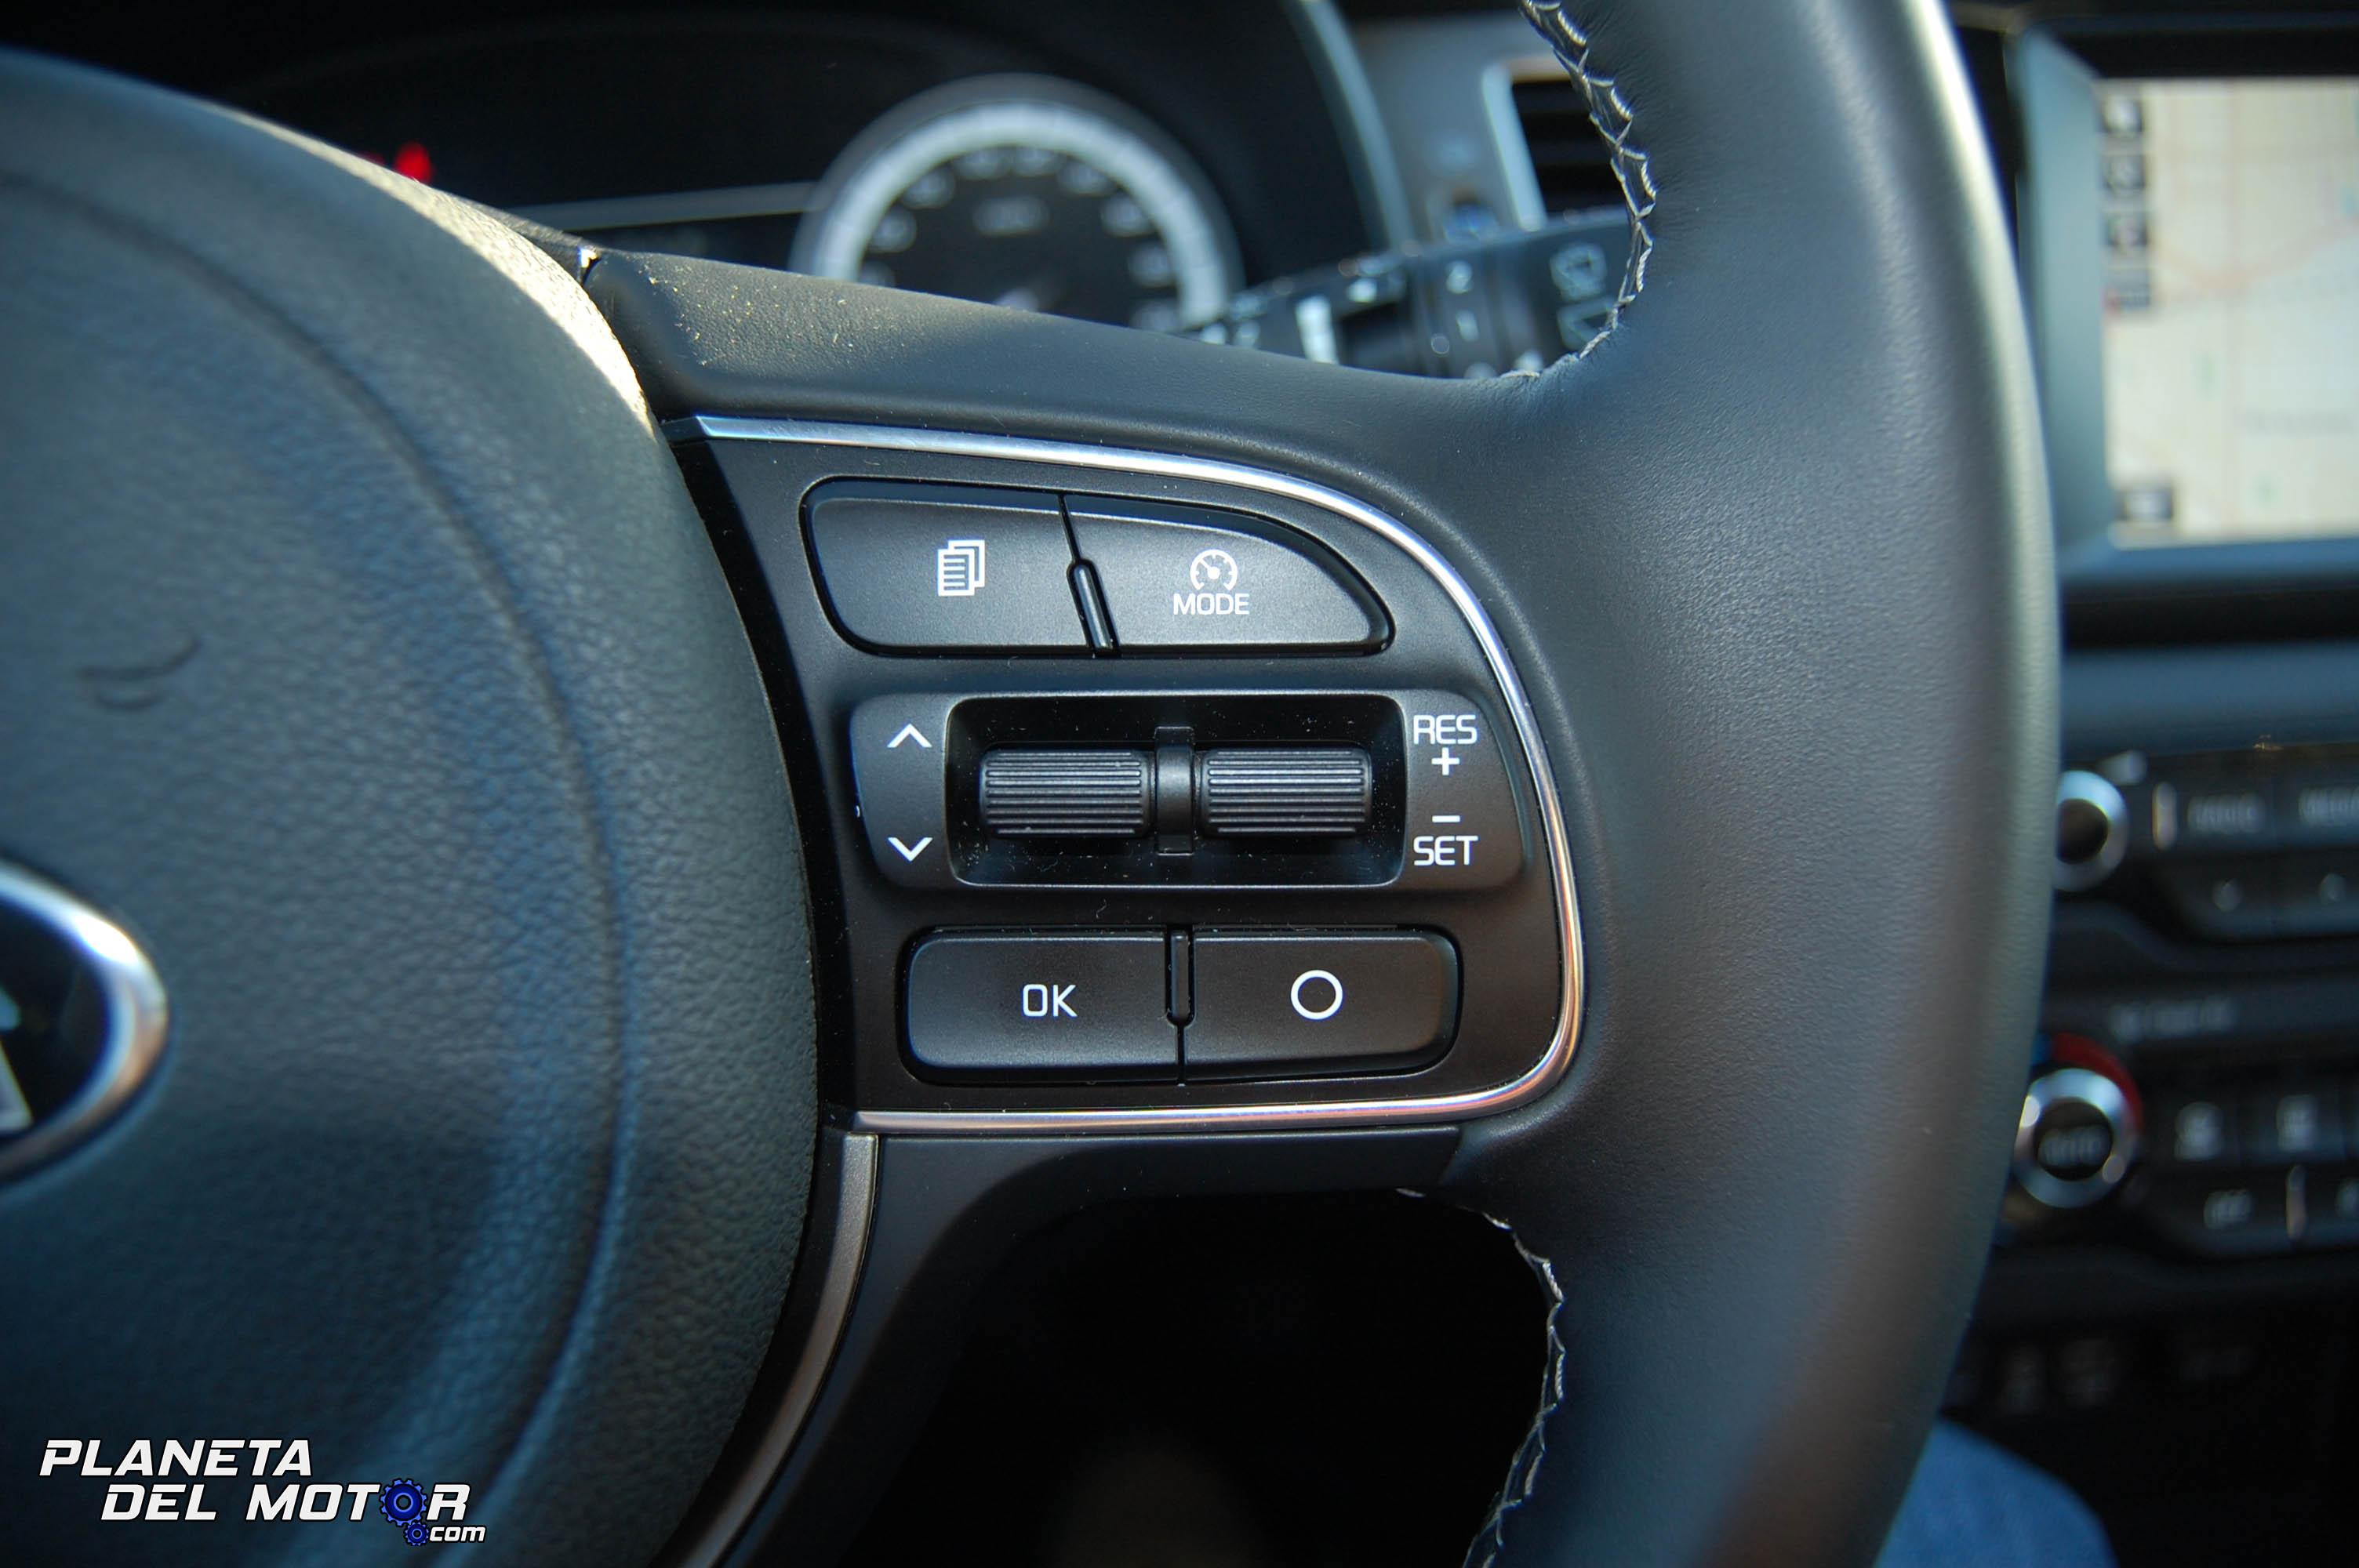 Prueba kia niro 1 6 hev drive curso acelerado de ahorro pdm - Kia niro interior ...